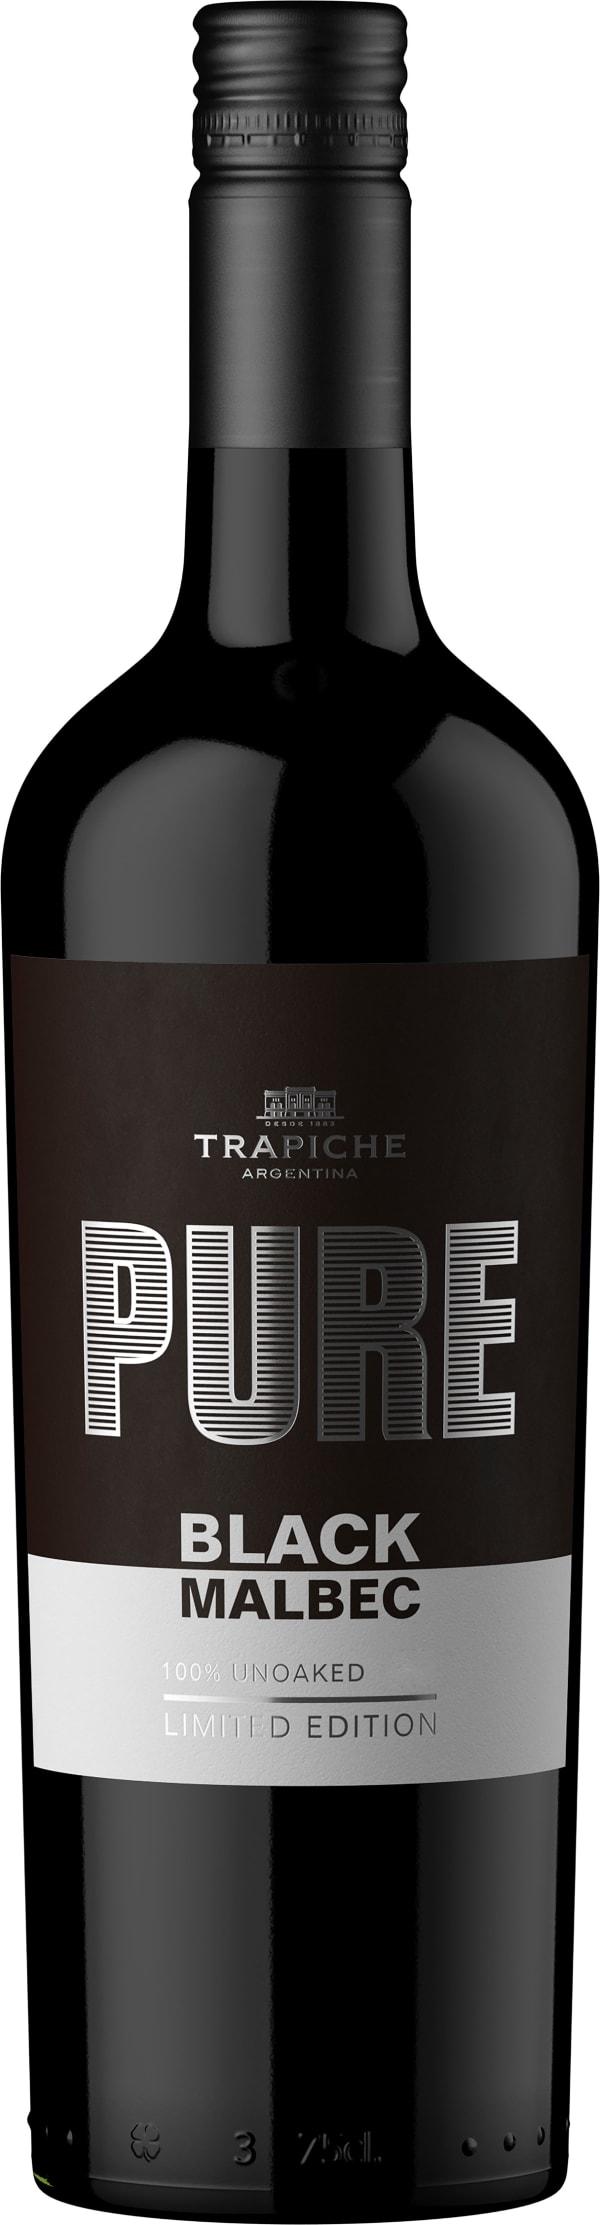 Trapiche Pure Black Malbec 2017